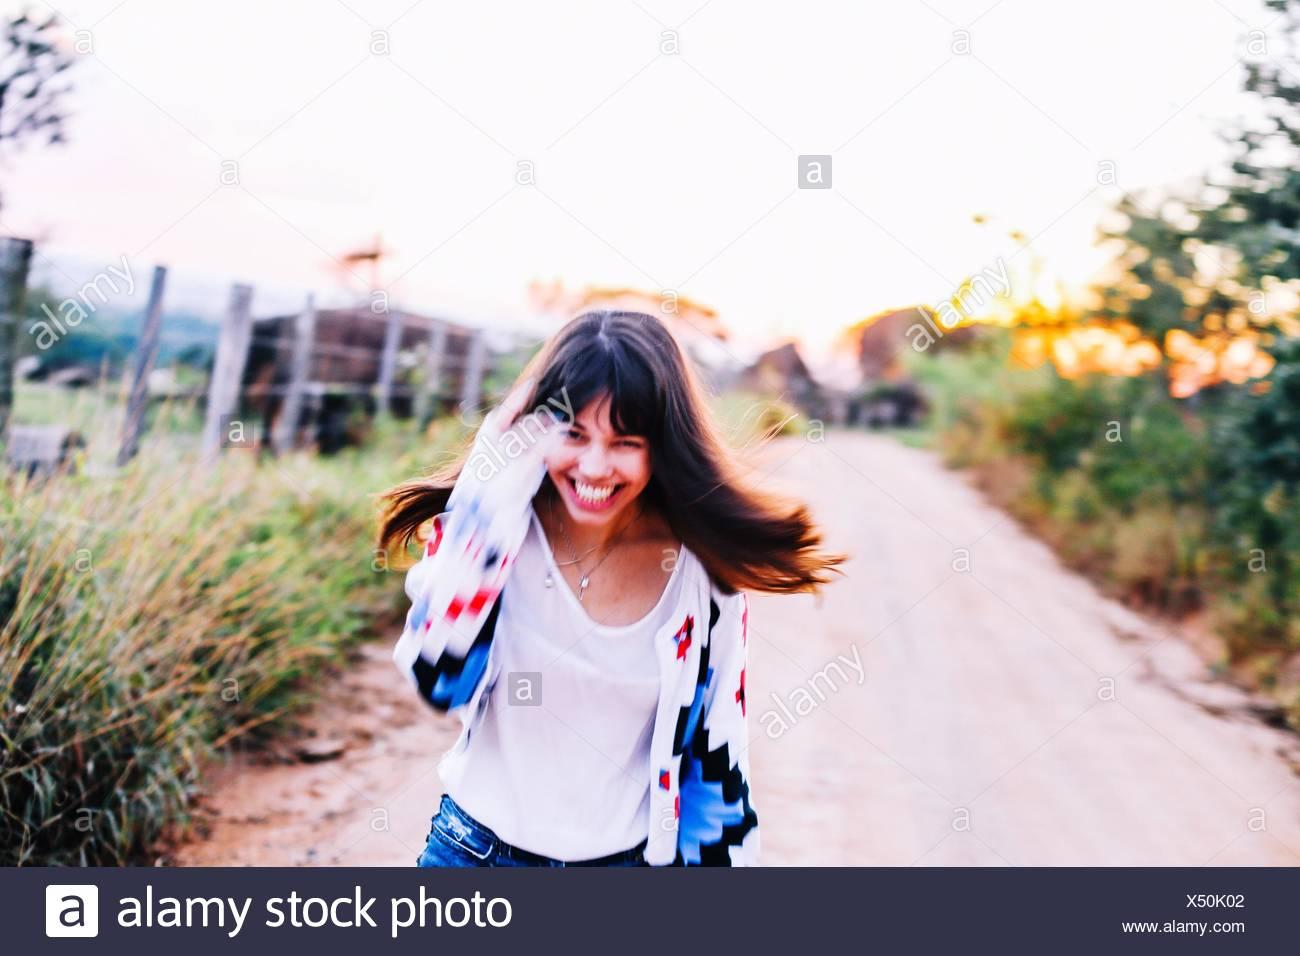 Retrato de mujer joven feliz corriendo en camino en medio de las plantas contra el cielo claro Imagen De Stock